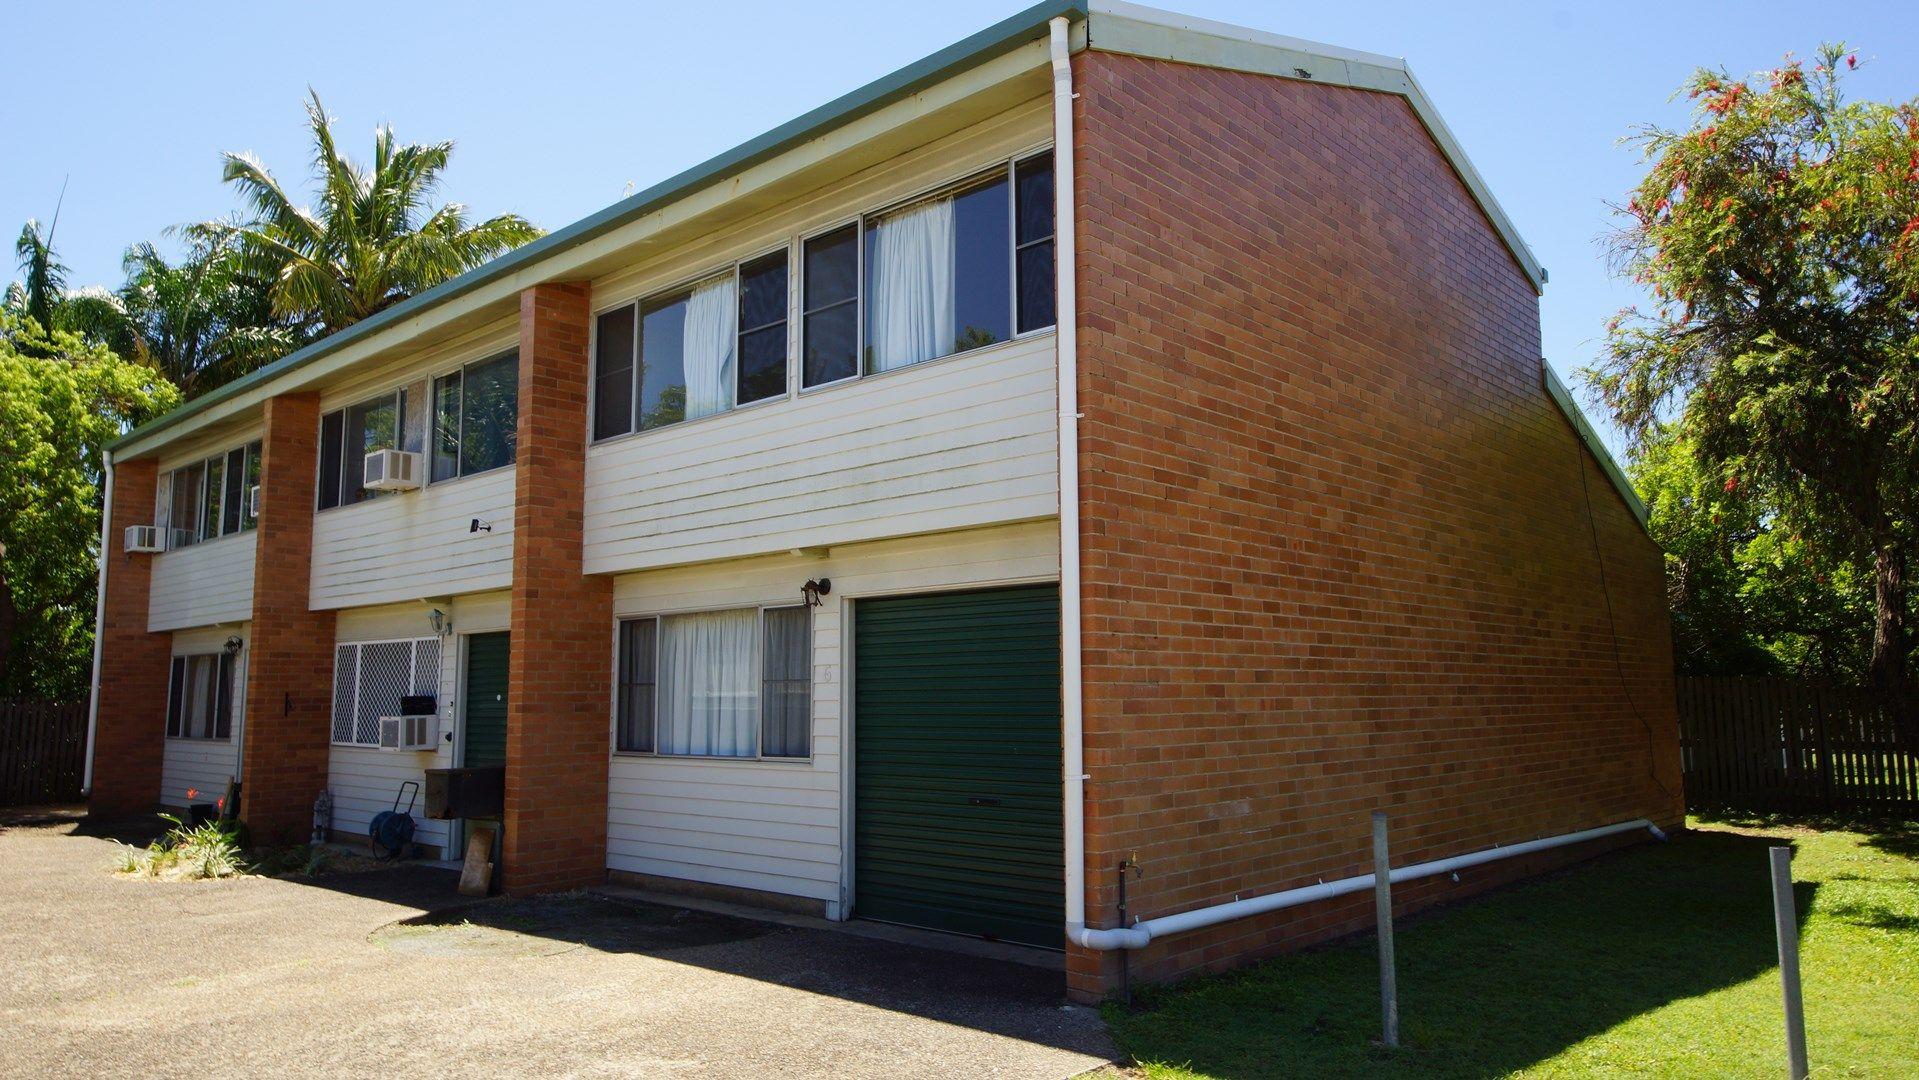 6/82 Evan Street, Mackay QLD 4740, Image 0